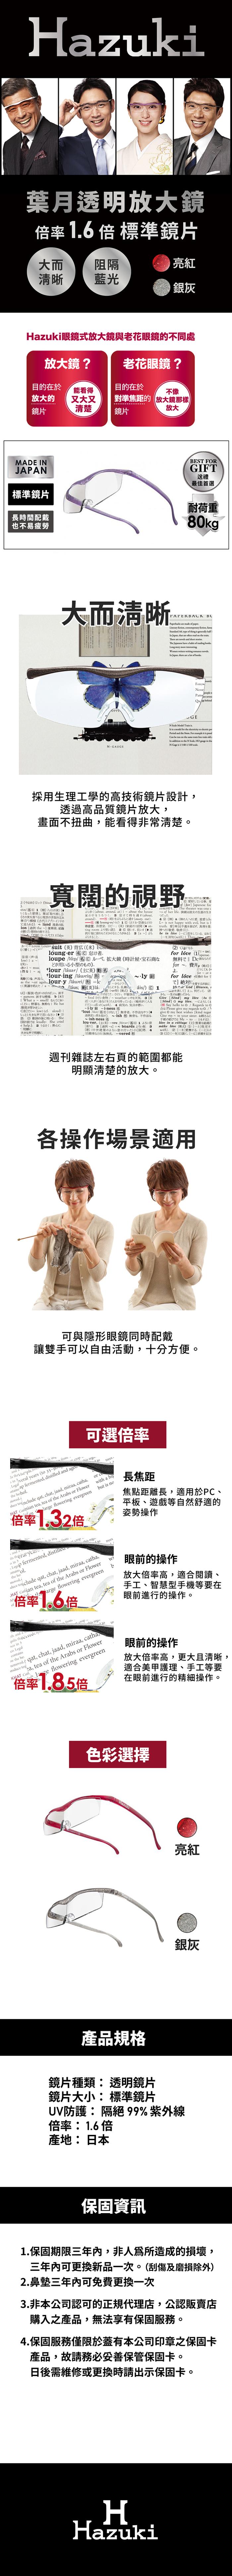 (複製)Hazuki|日本Hazuki葉月透明眼鏡式放大鏡1.32倍標準鏡片(亮紅)